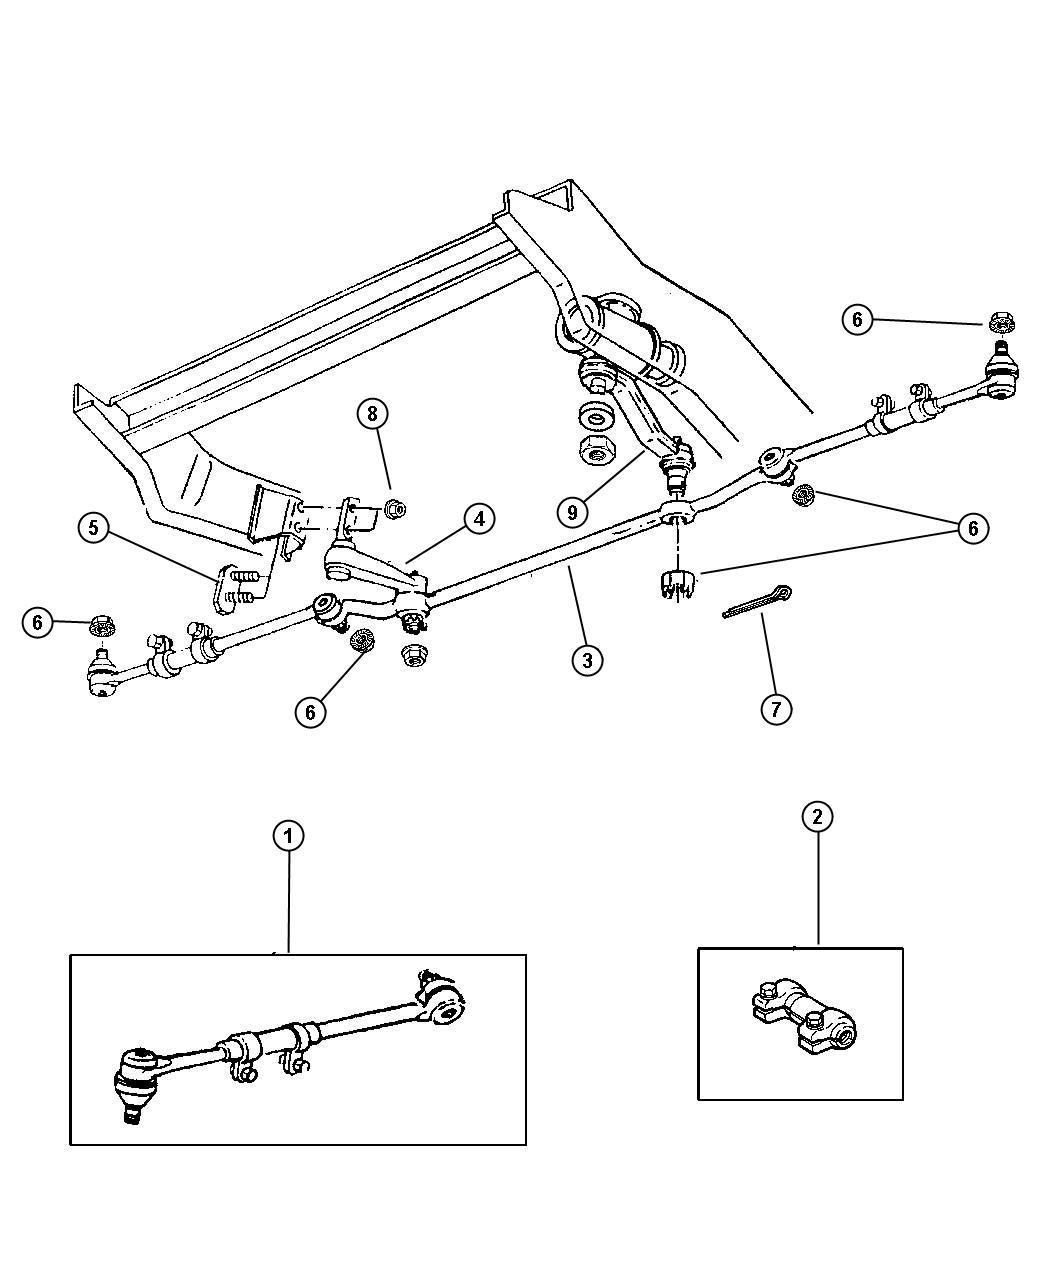 Chrysler Sebring Stud Plate Idler Arm Rating Gvw